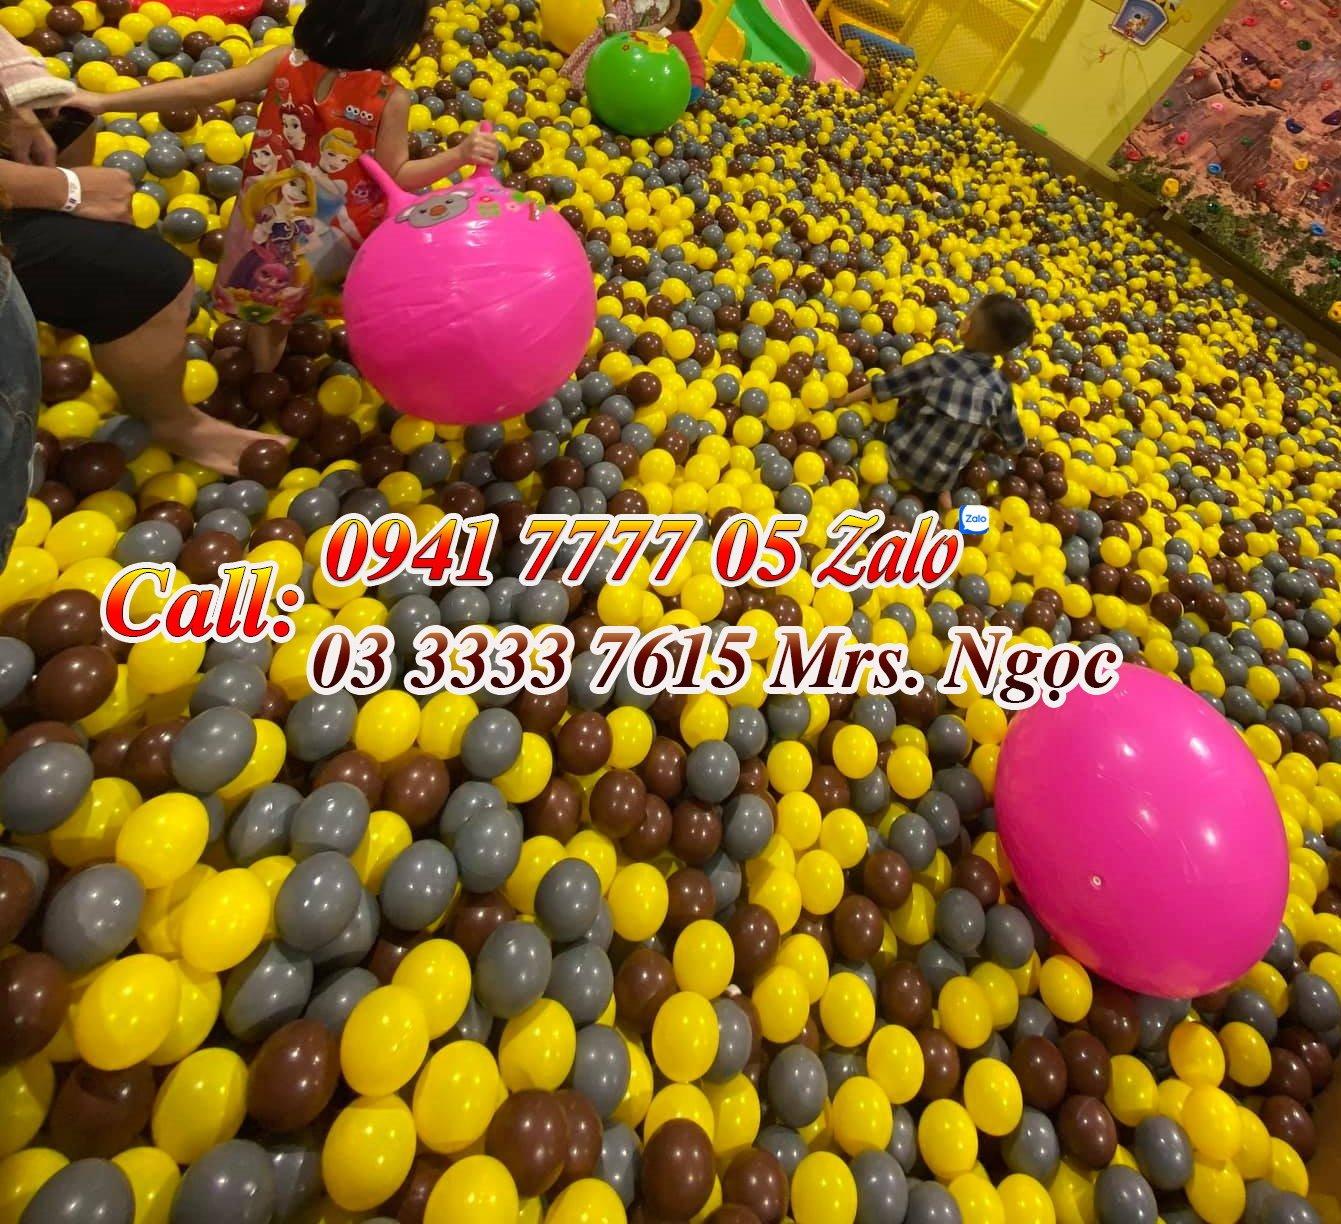 Bóng nhựa đường kính 8cm, gồm màu vàng, nâu và xám dành cho khu vui chơi trẻ em trang trí theo tone rừng.